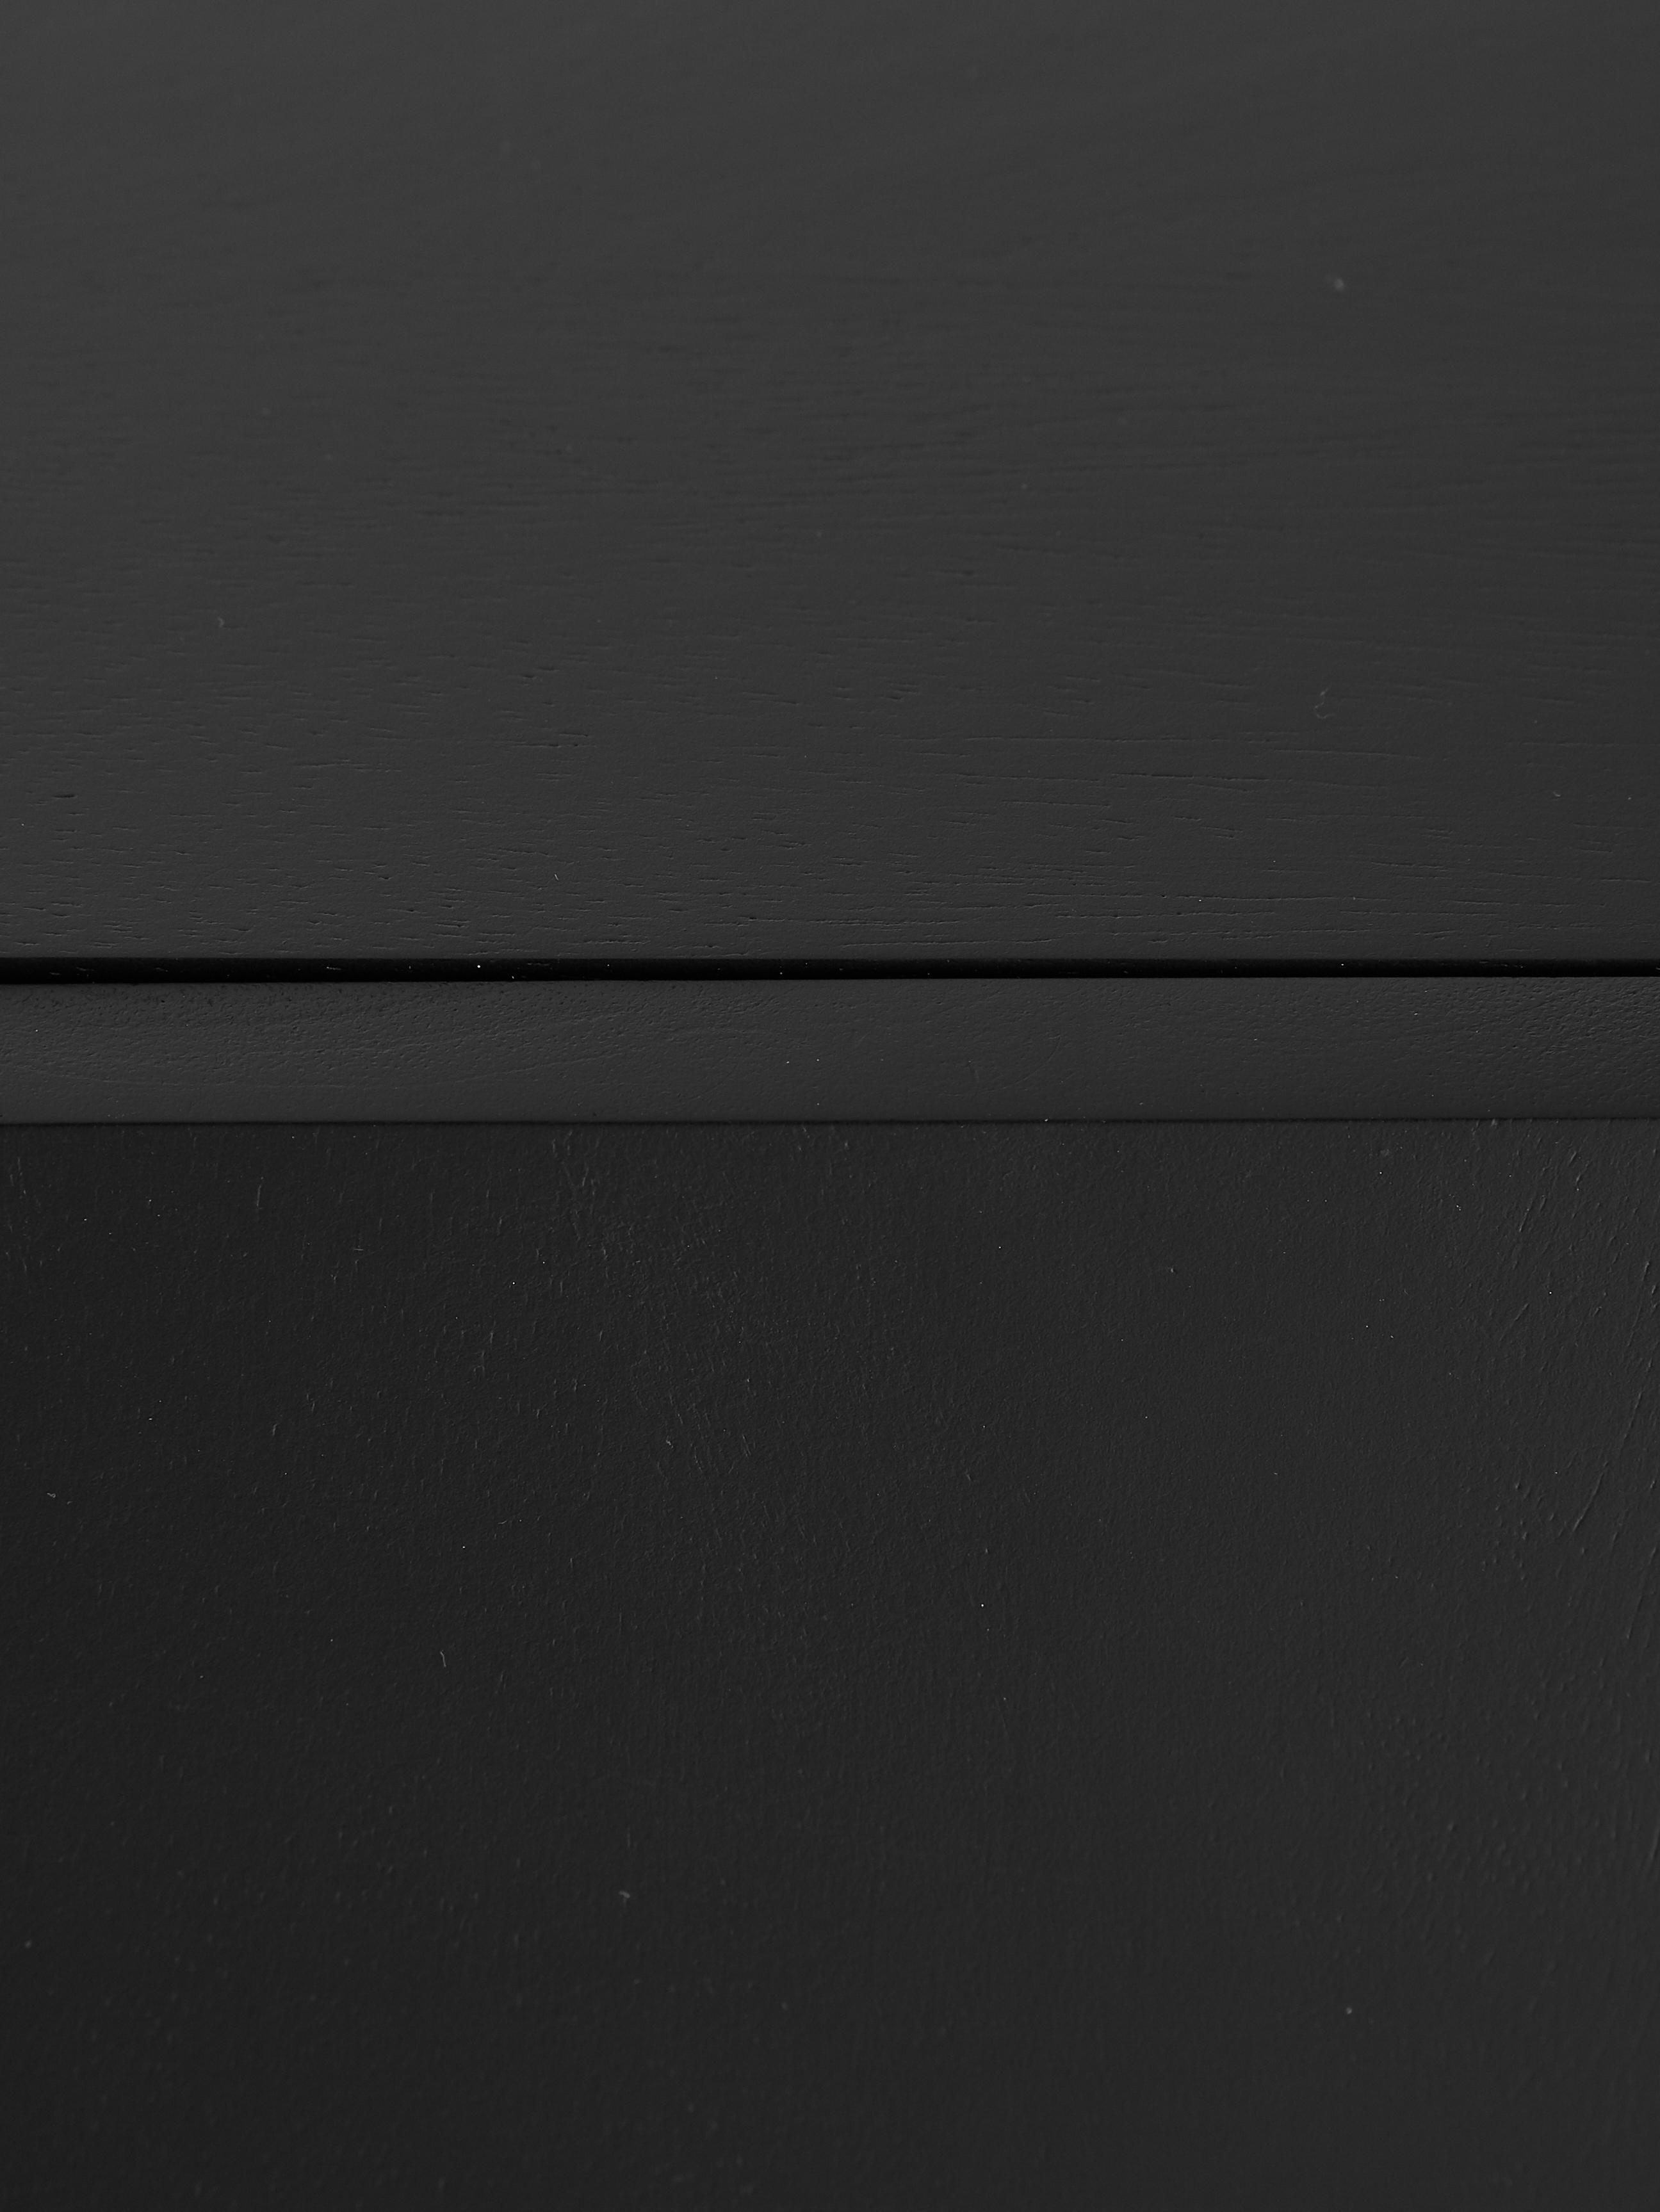 Schwarzes Sideboard Lyle mit Türen, Korpus: Massives Mangoholz, lacki, Mangoholz, schwarz lackiert, 150 x 72 cm